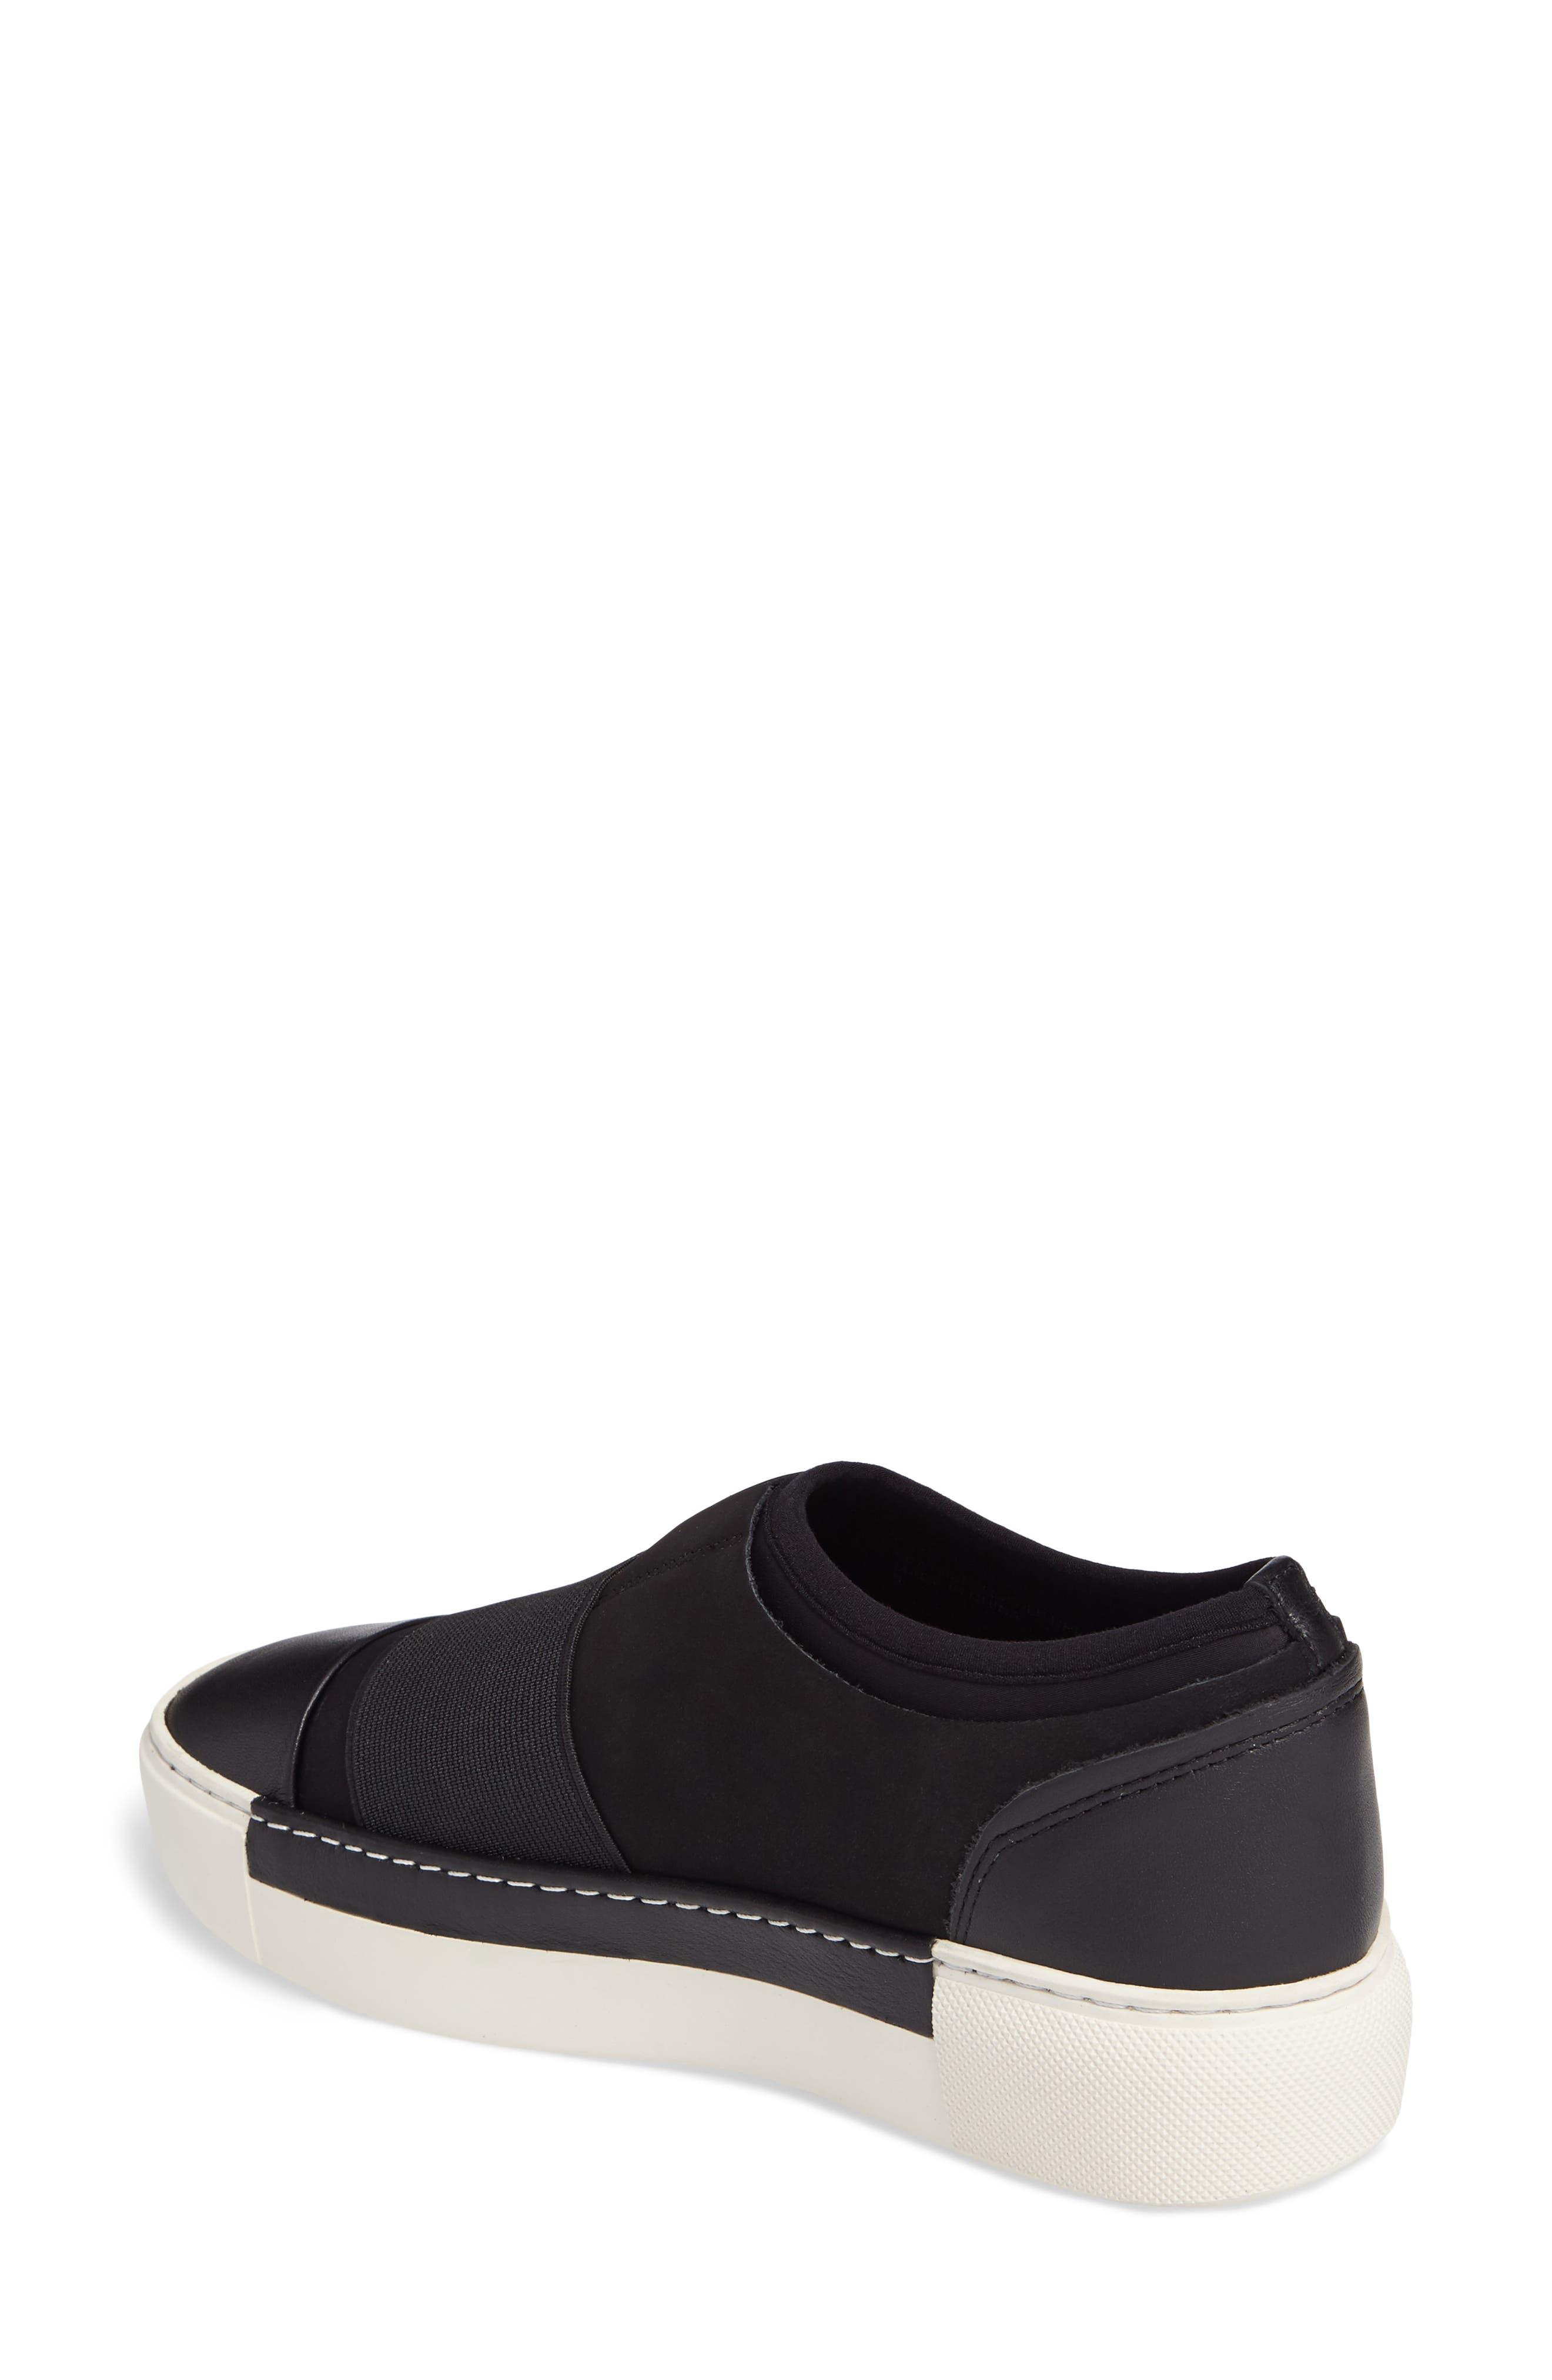 Voila Slip-On Sneaker,                             Alternate thumbnail 2, color,                             015